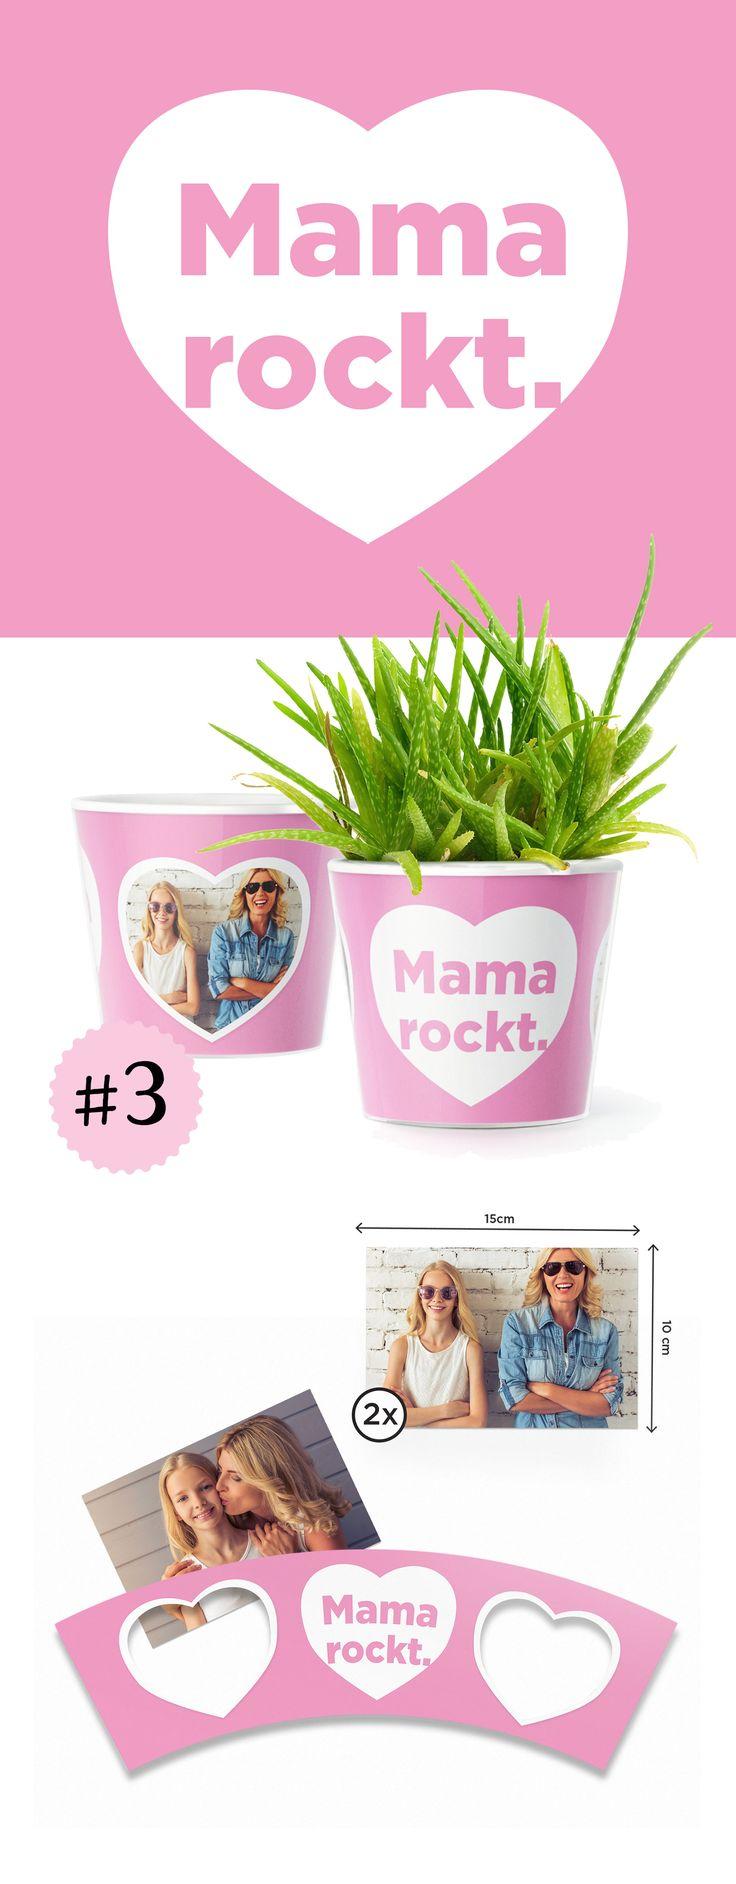 """3. Mama rockt. Ist deine Mama der Rockstar in eurer Familie?  Zeige es mit diesem rosa Blumentopf.  Mit zwei Fotos kannst du dieses Geschenk so individuell gestalten wie der Anlass, die Empfängerin oder oder Ort and dem der Topf mal stehen wird. Ein großes Herz mit der """"Mama rockt."""" Aufschrift schenkt deiner Mutter ganz sicher viele Lächeln.  Egal, wo Du Dich gerade auf der Welt befindest, mit MyFacepot kannst du bereits im Voraus das perfekte Geschenk für Deine Mutter finden und vorbereit"""